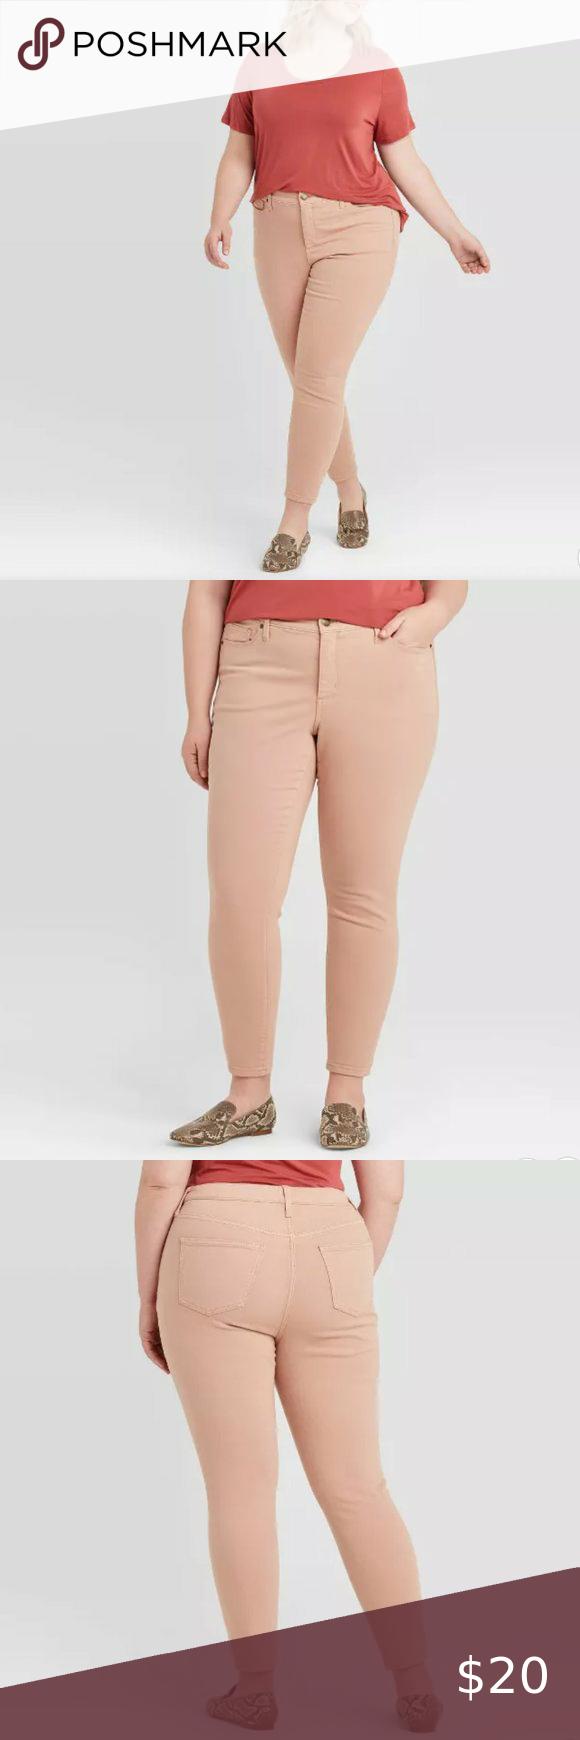 Ava & Viv - Plus Size Mid-Rise Skinny Jeans